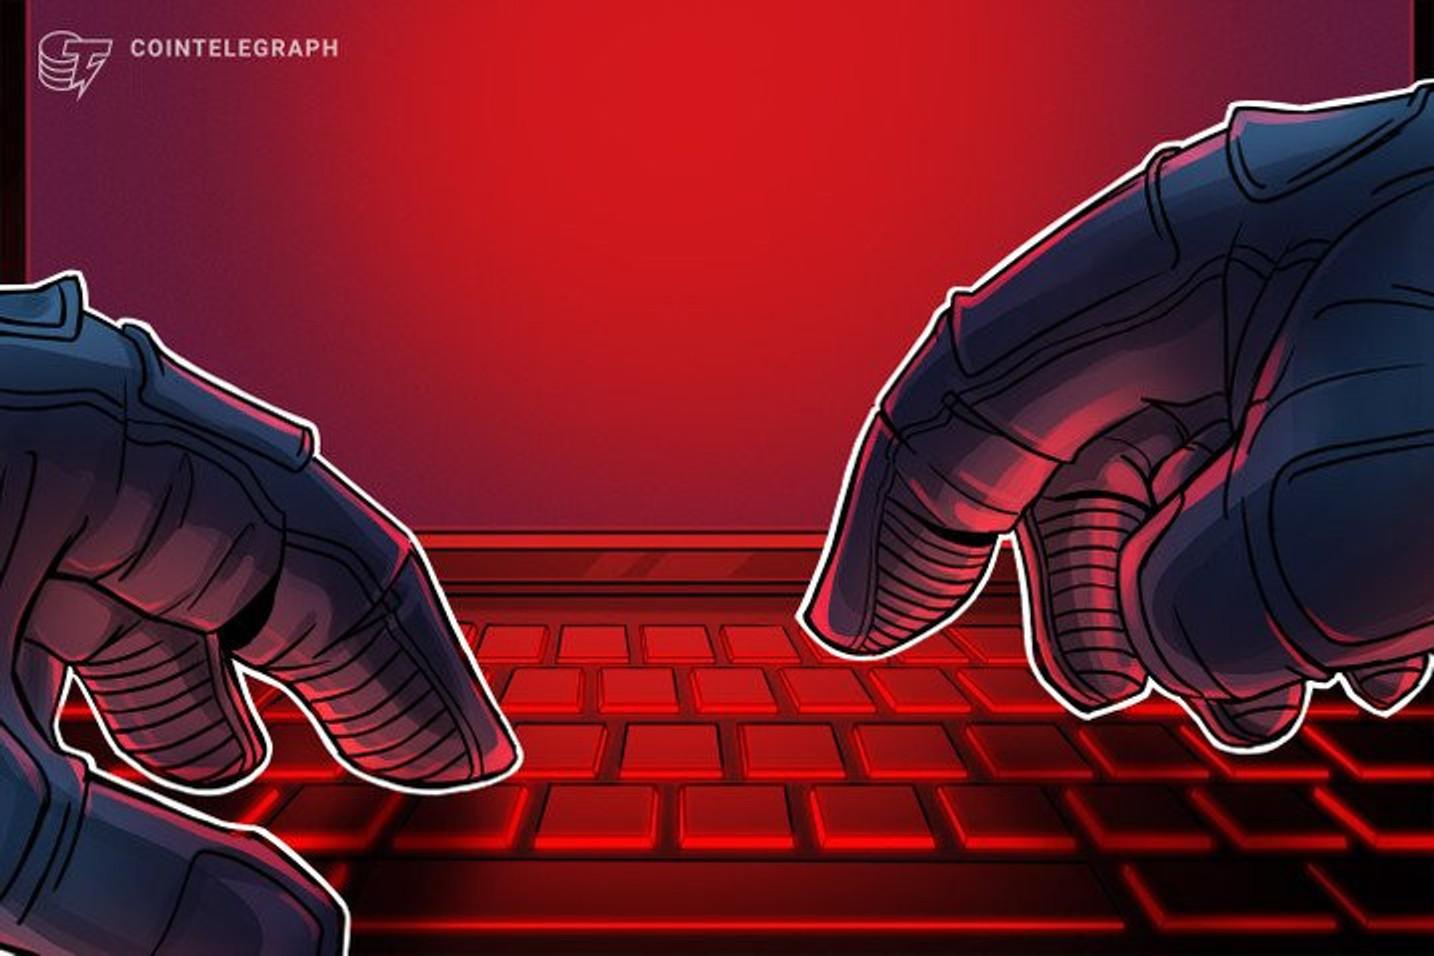 Novo malware usa Discord para roubar informações pessoais, dados de cartão de crédito e Bitcoins